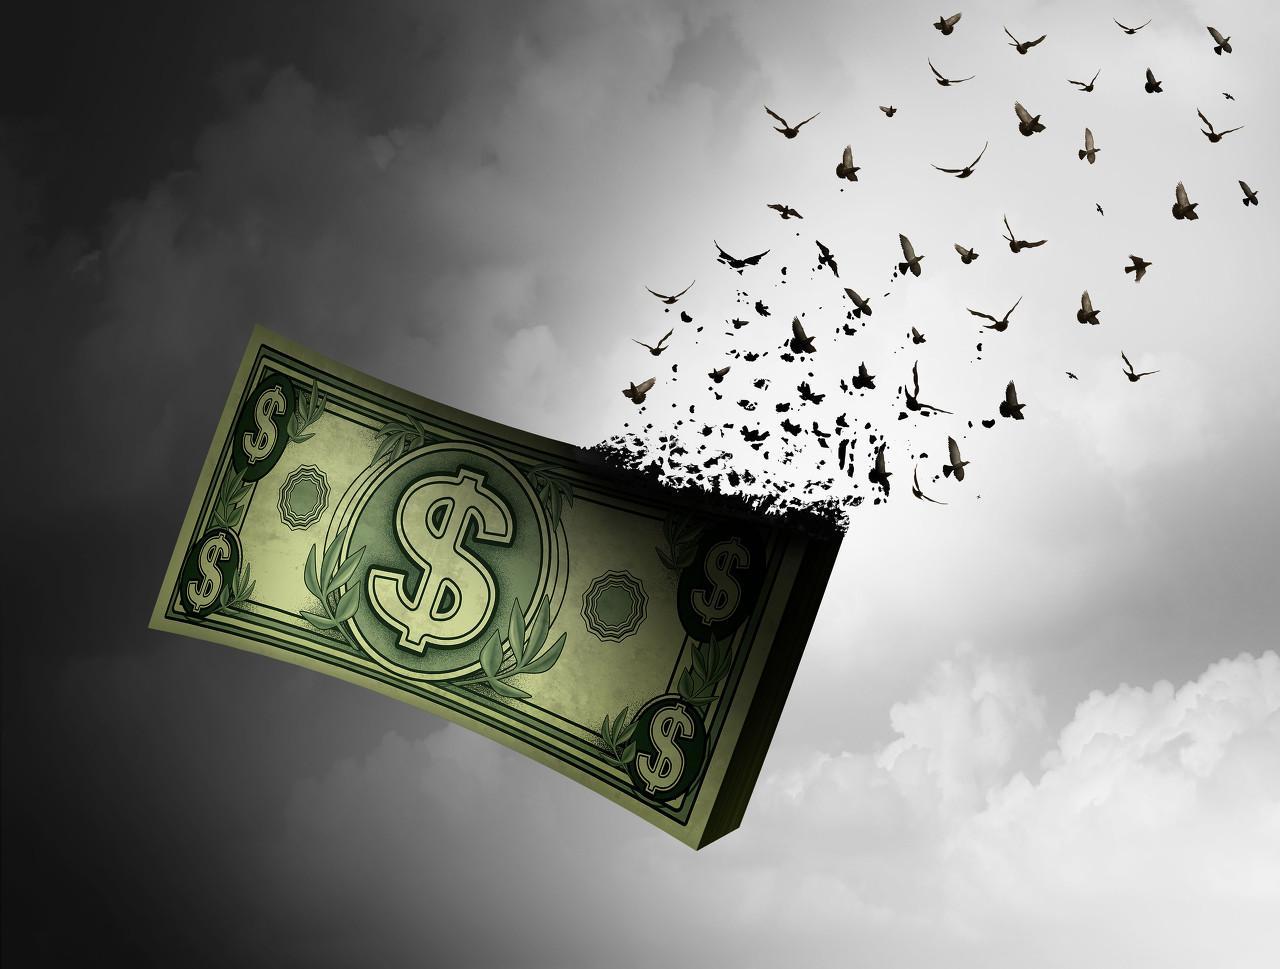 """负债超300亿,濒临退市!曾""""大跃进""""式买买买的行业龙头,如今巨额融资流向成谜"""